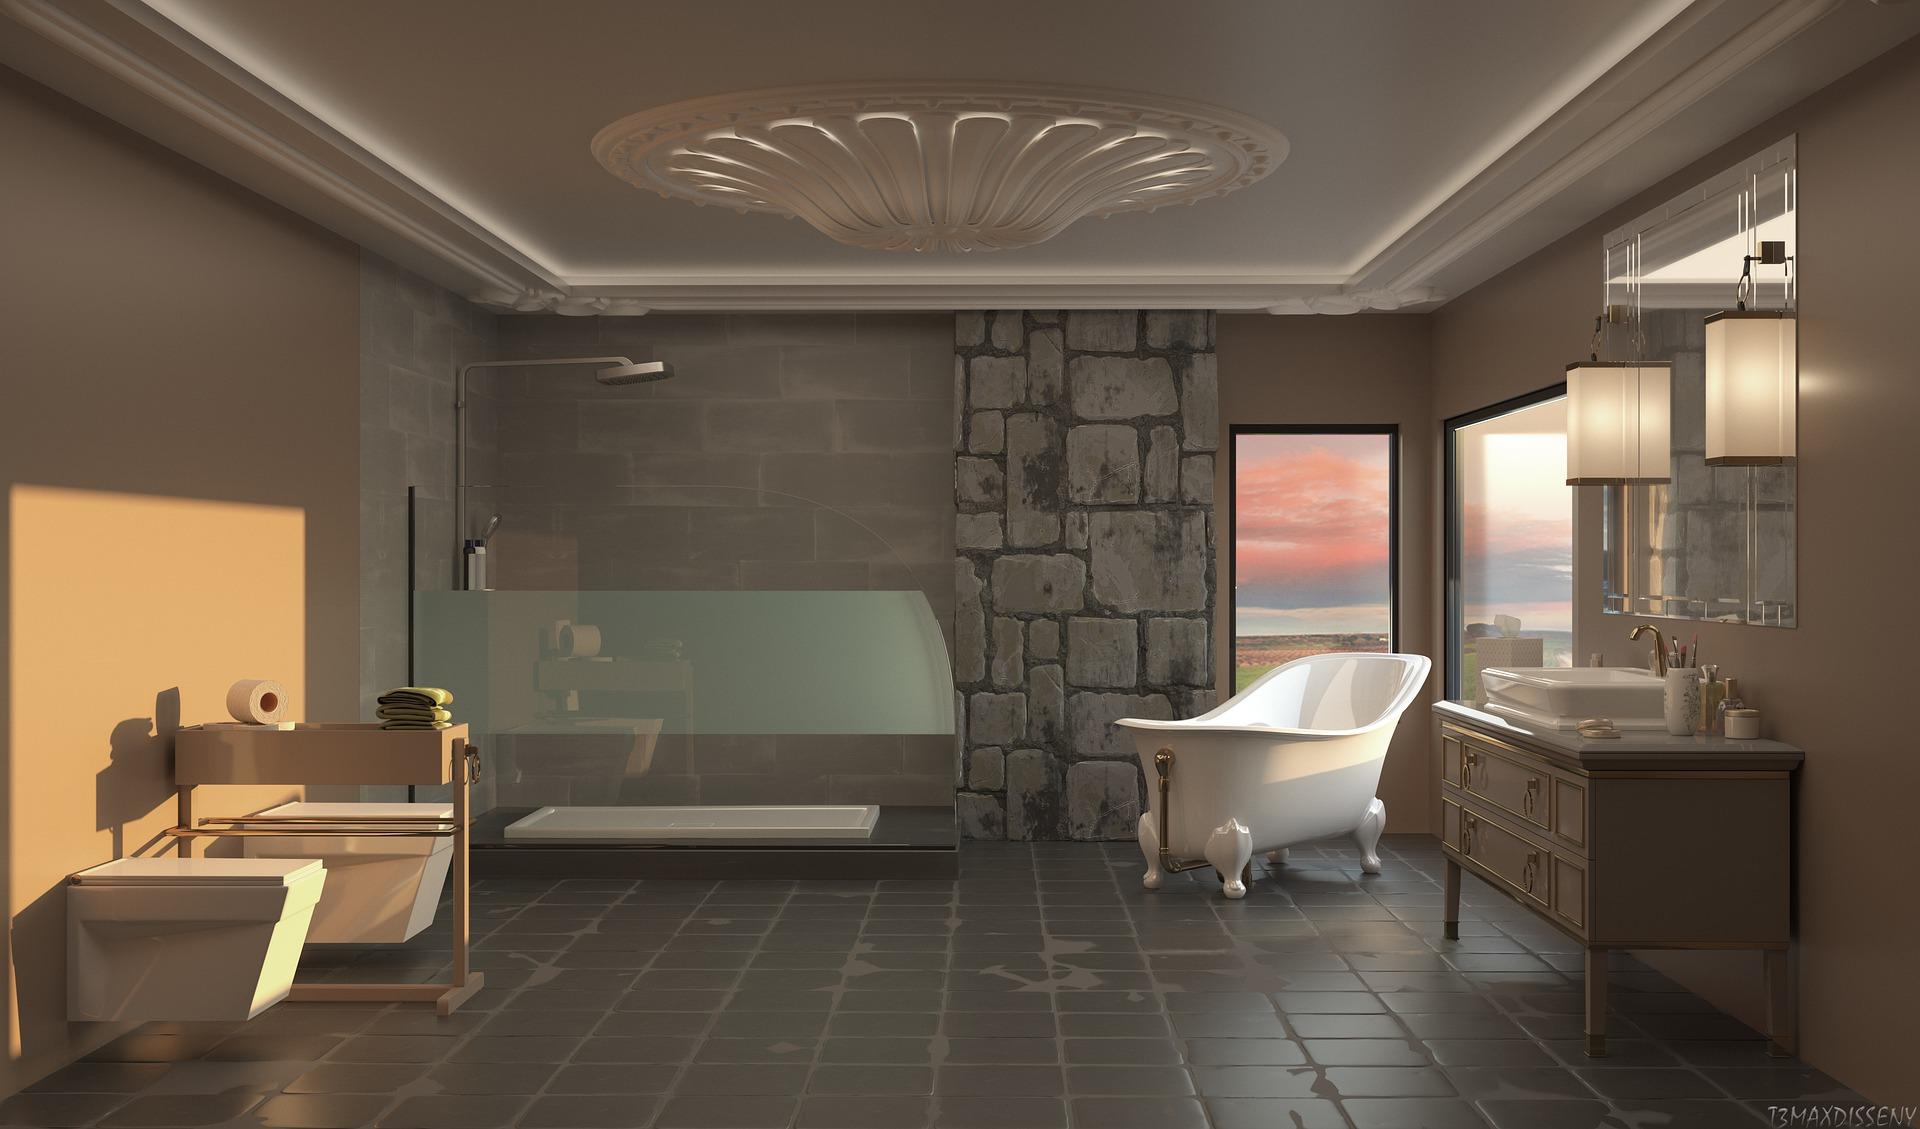 Comment_faire_une_déclaration_de_design_dans_votre_salle_d_eau